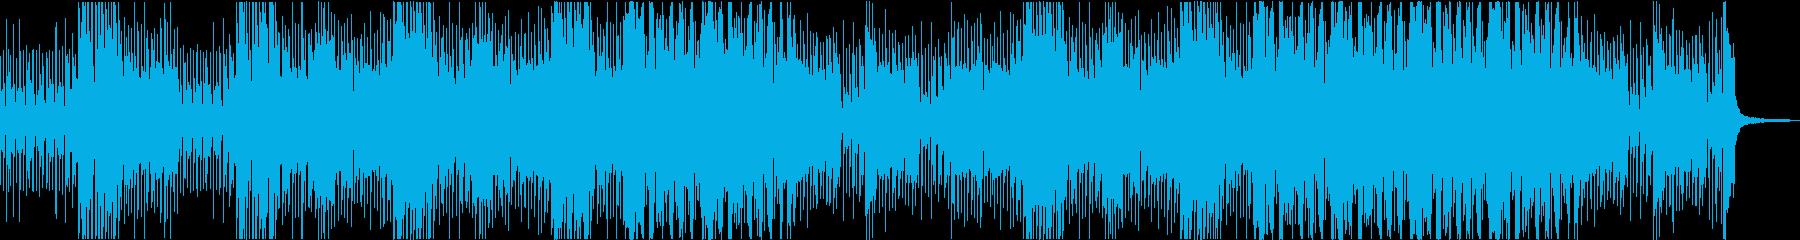 RPGの町に流れるにぎやかなケルト風曲の再生済みの波形